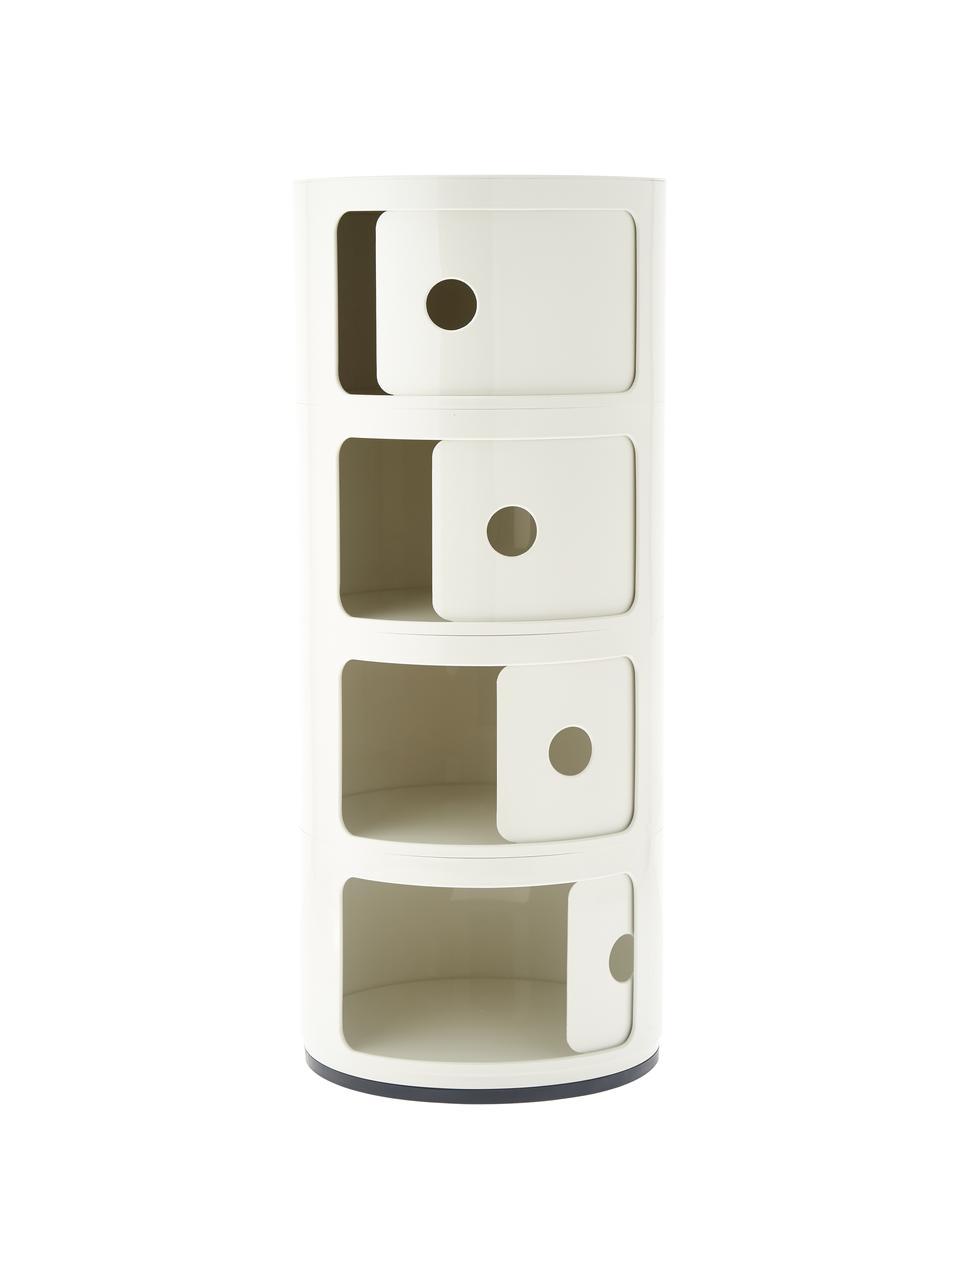 Contenitore di design a 4 cassetti Componibili, Materiale sintetico (ABS), verniciato, Bianco, Ø 32 x Alt. 77 cm